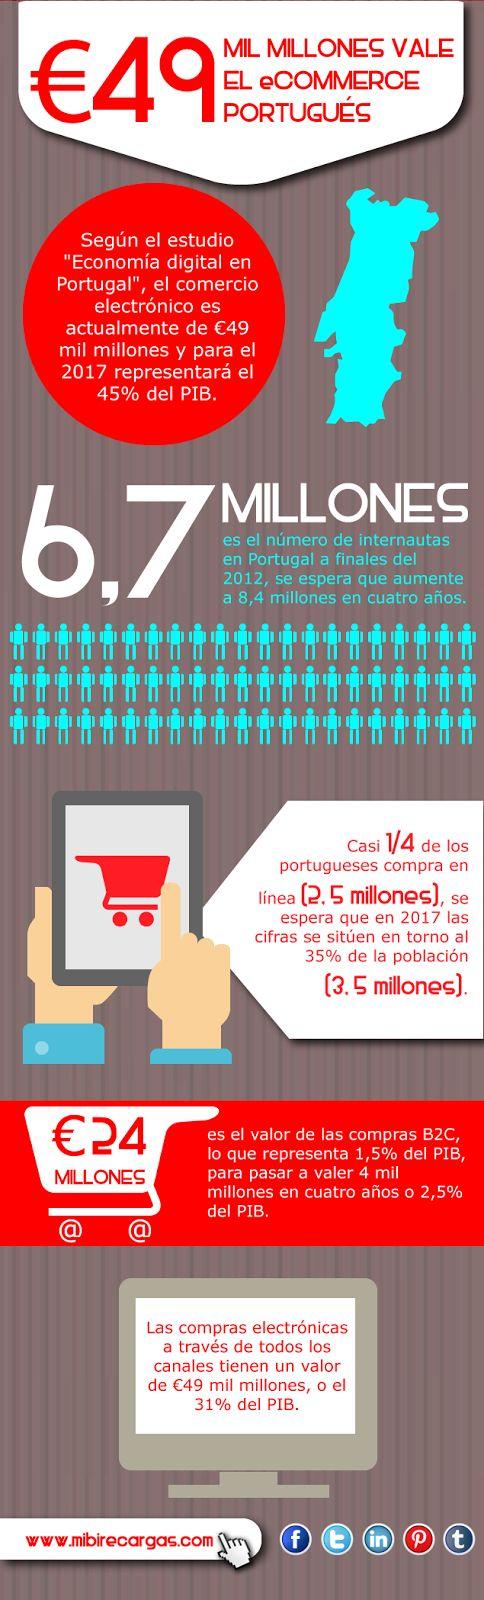 El gran crecimiento del E-commerce: Conoce estadísticas de la importancia del ecommerce y anímate a ser parte de este comprando online con mibi. mibirecargas.com